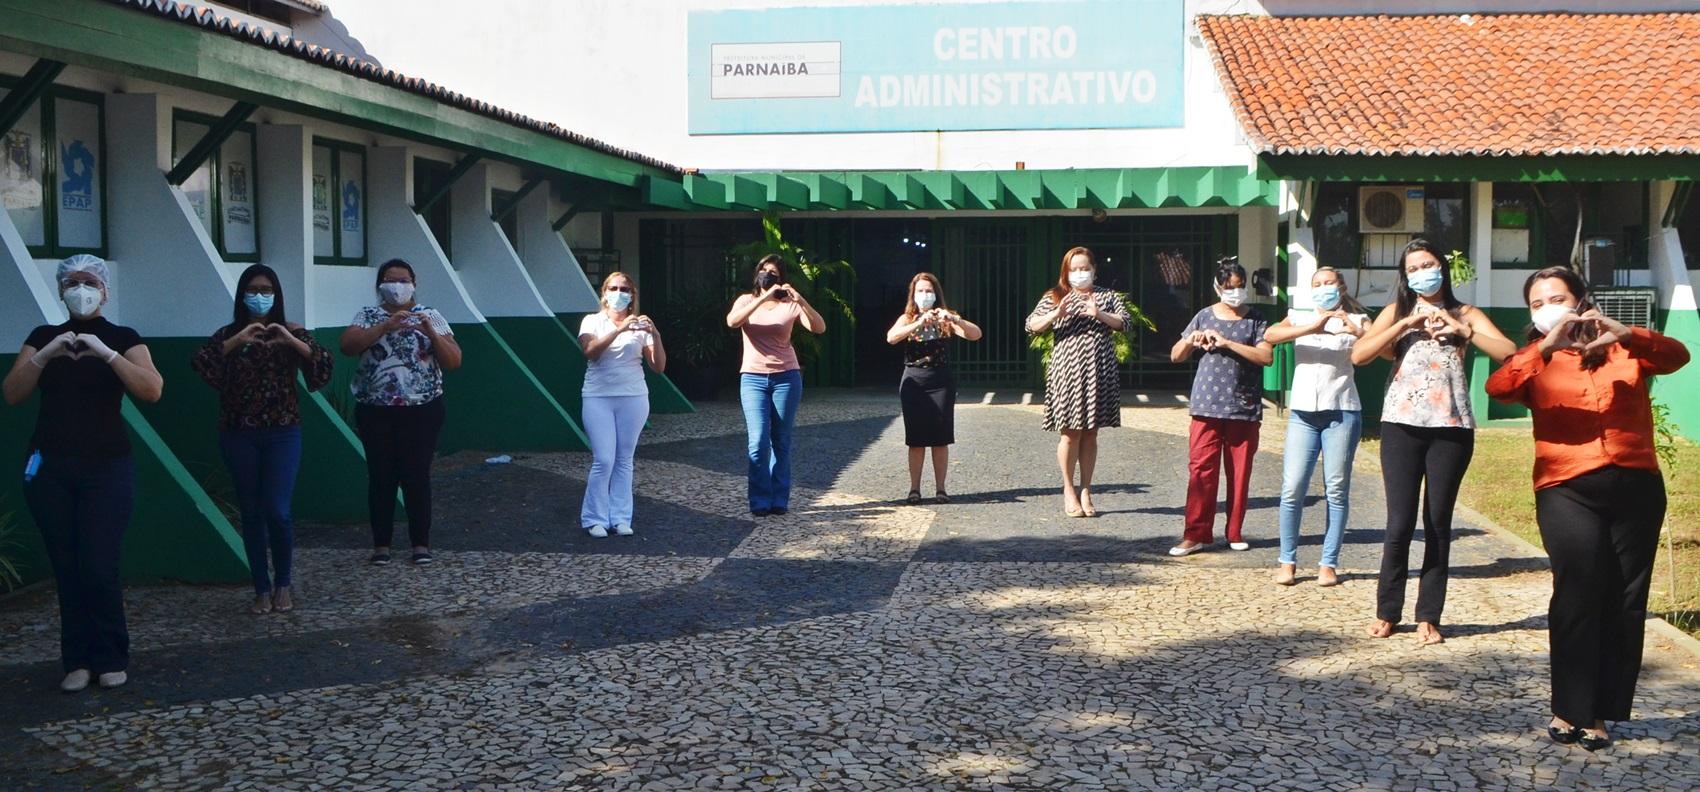 Prefeitura de Parnaíba parabeniza profissionais da Enfermagem que atuam diuturnamente no enfrentamento à Covid-19